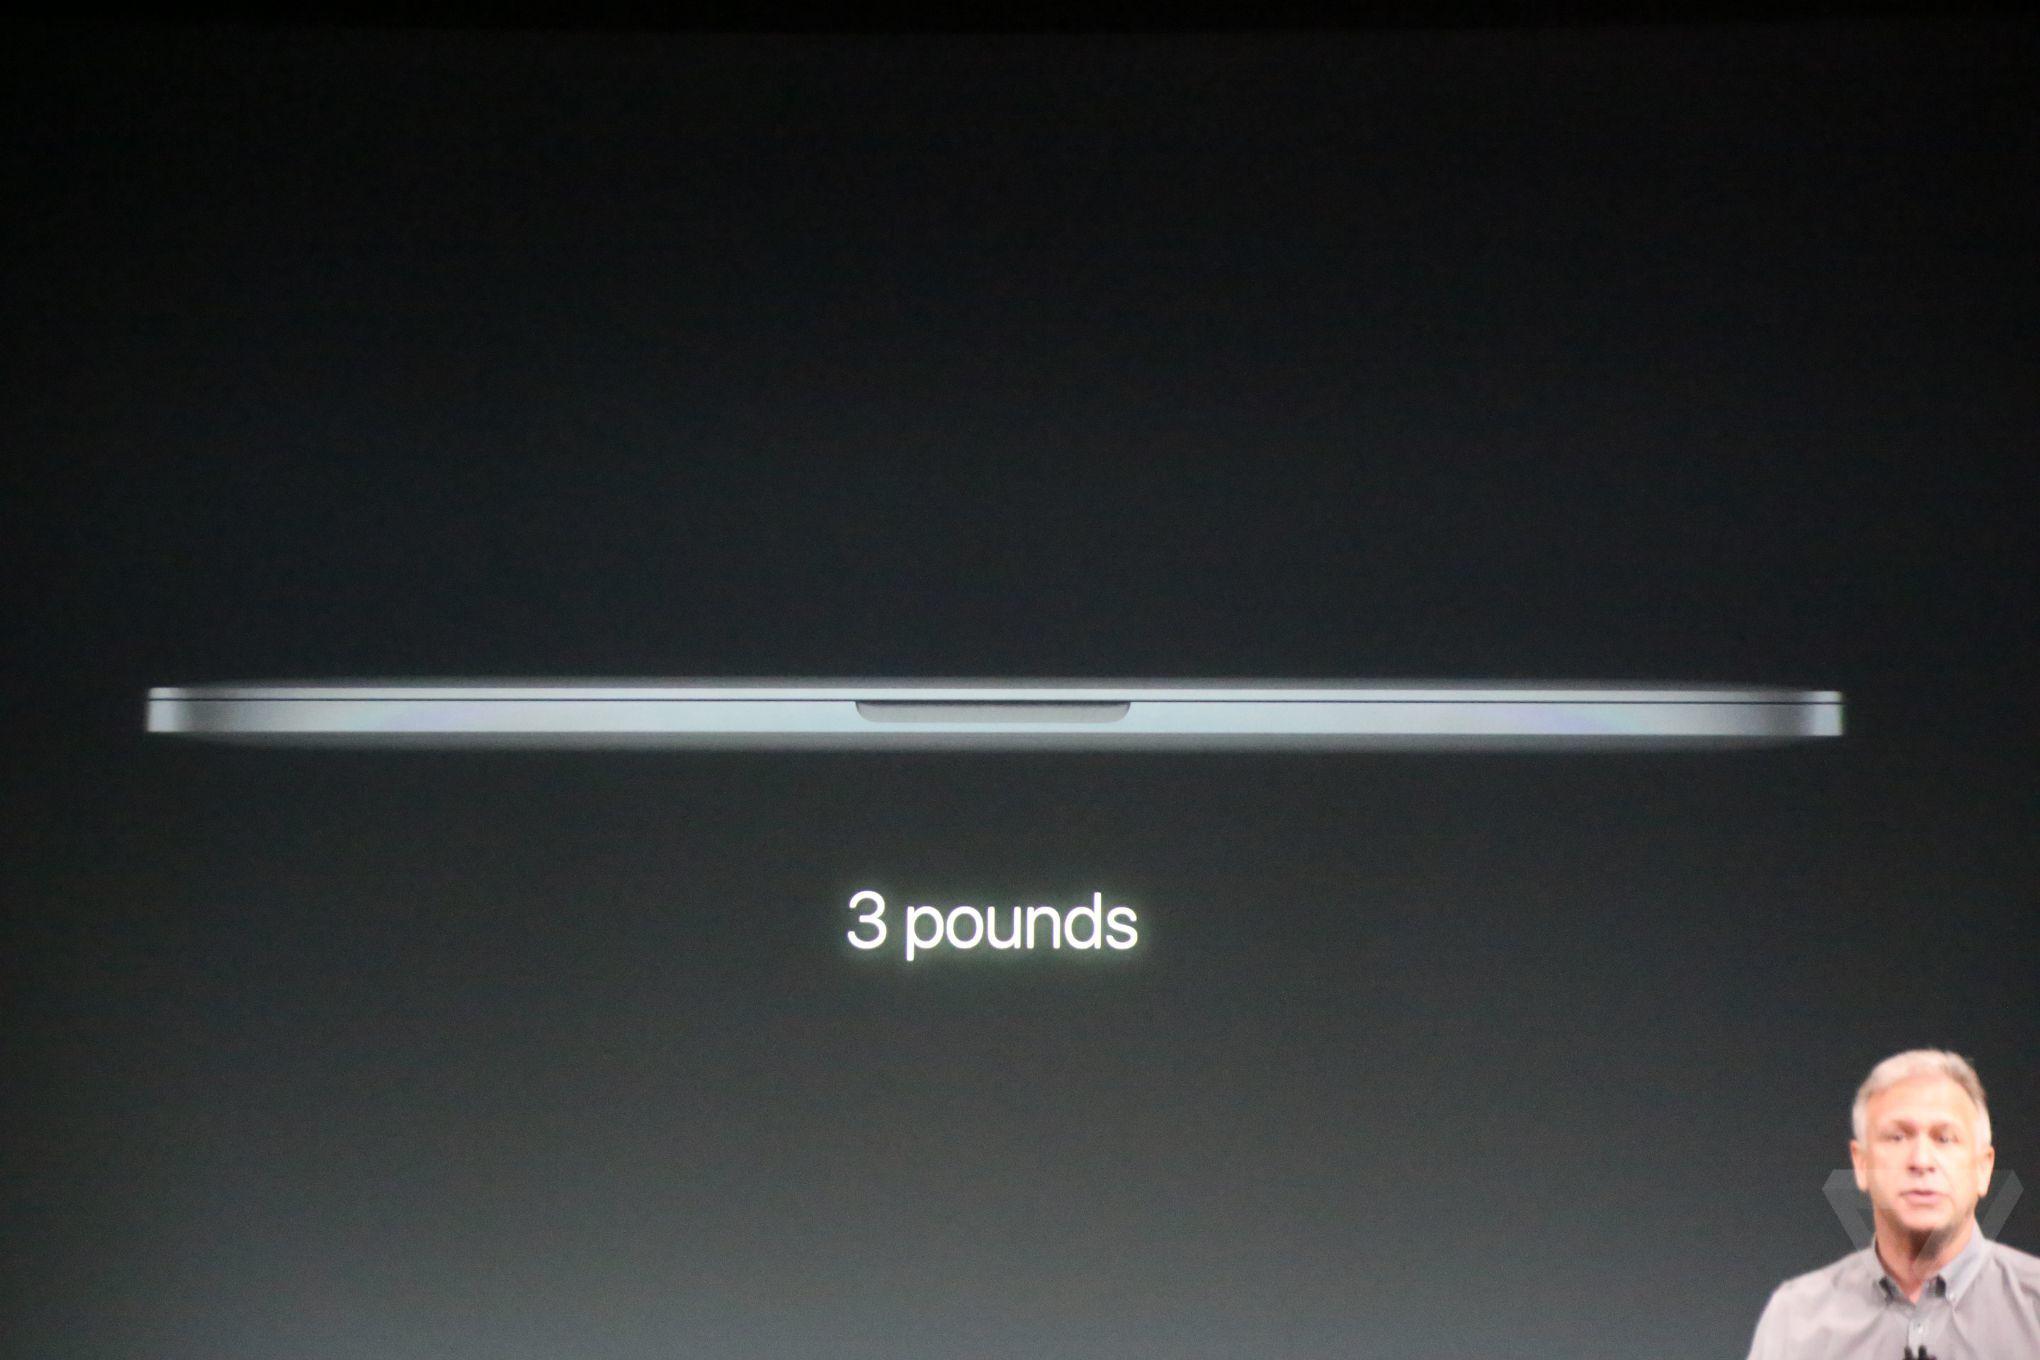 apple-macbook-event-20161027-8063